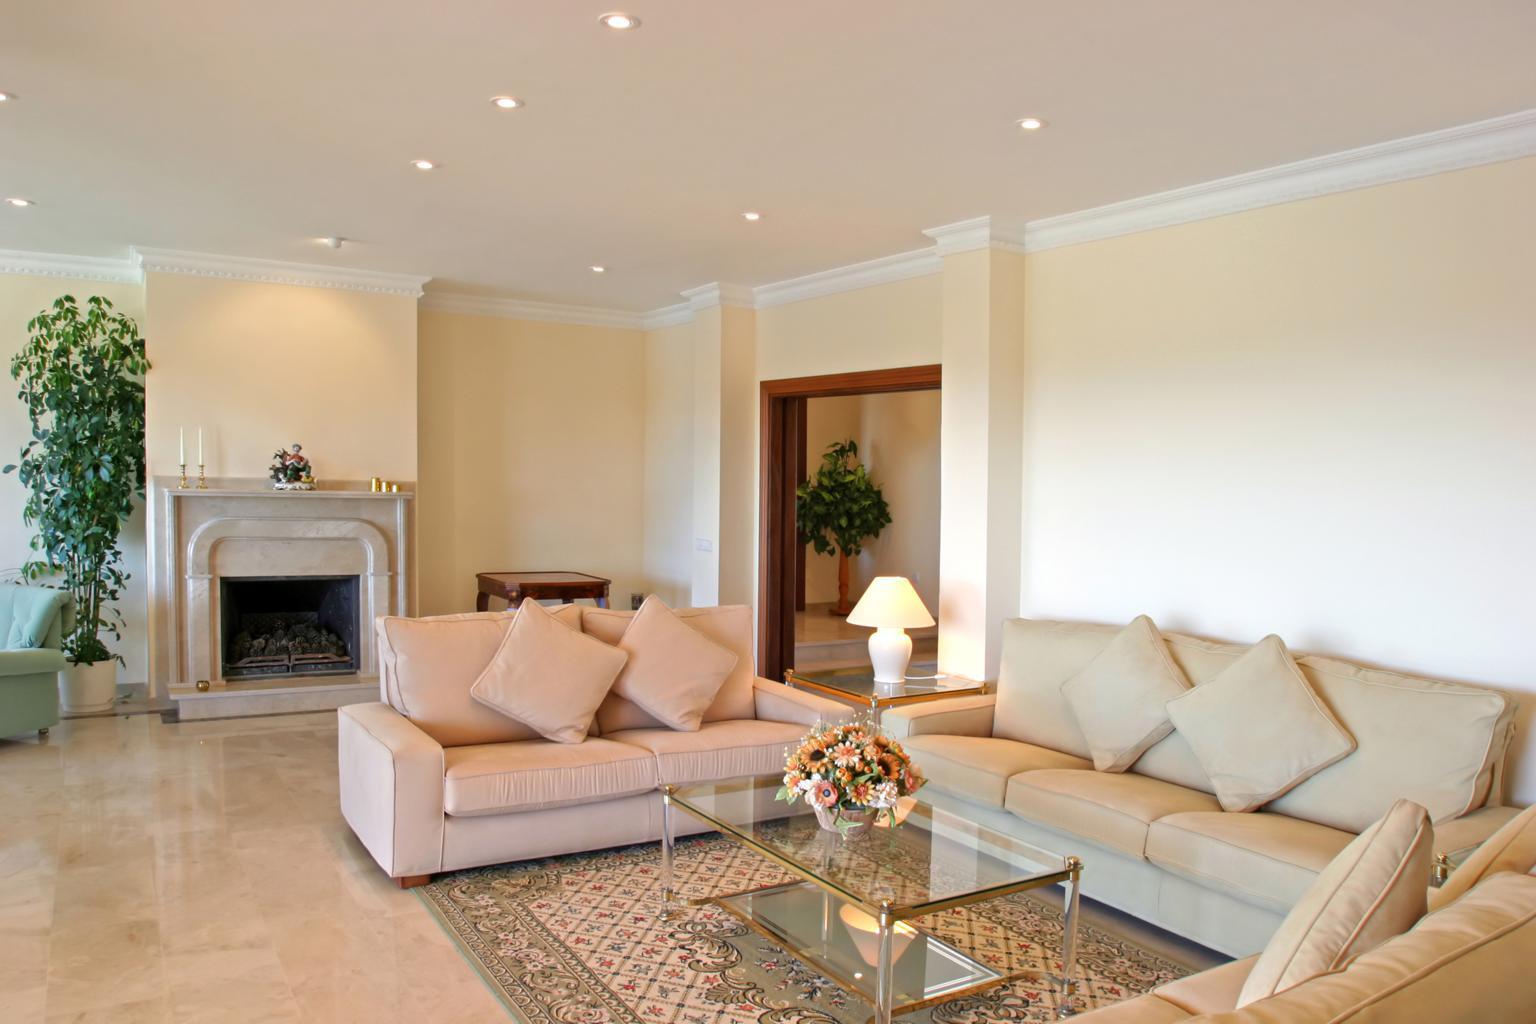 Простой потолок из гипсокартона с точечными светильниками в гостиной